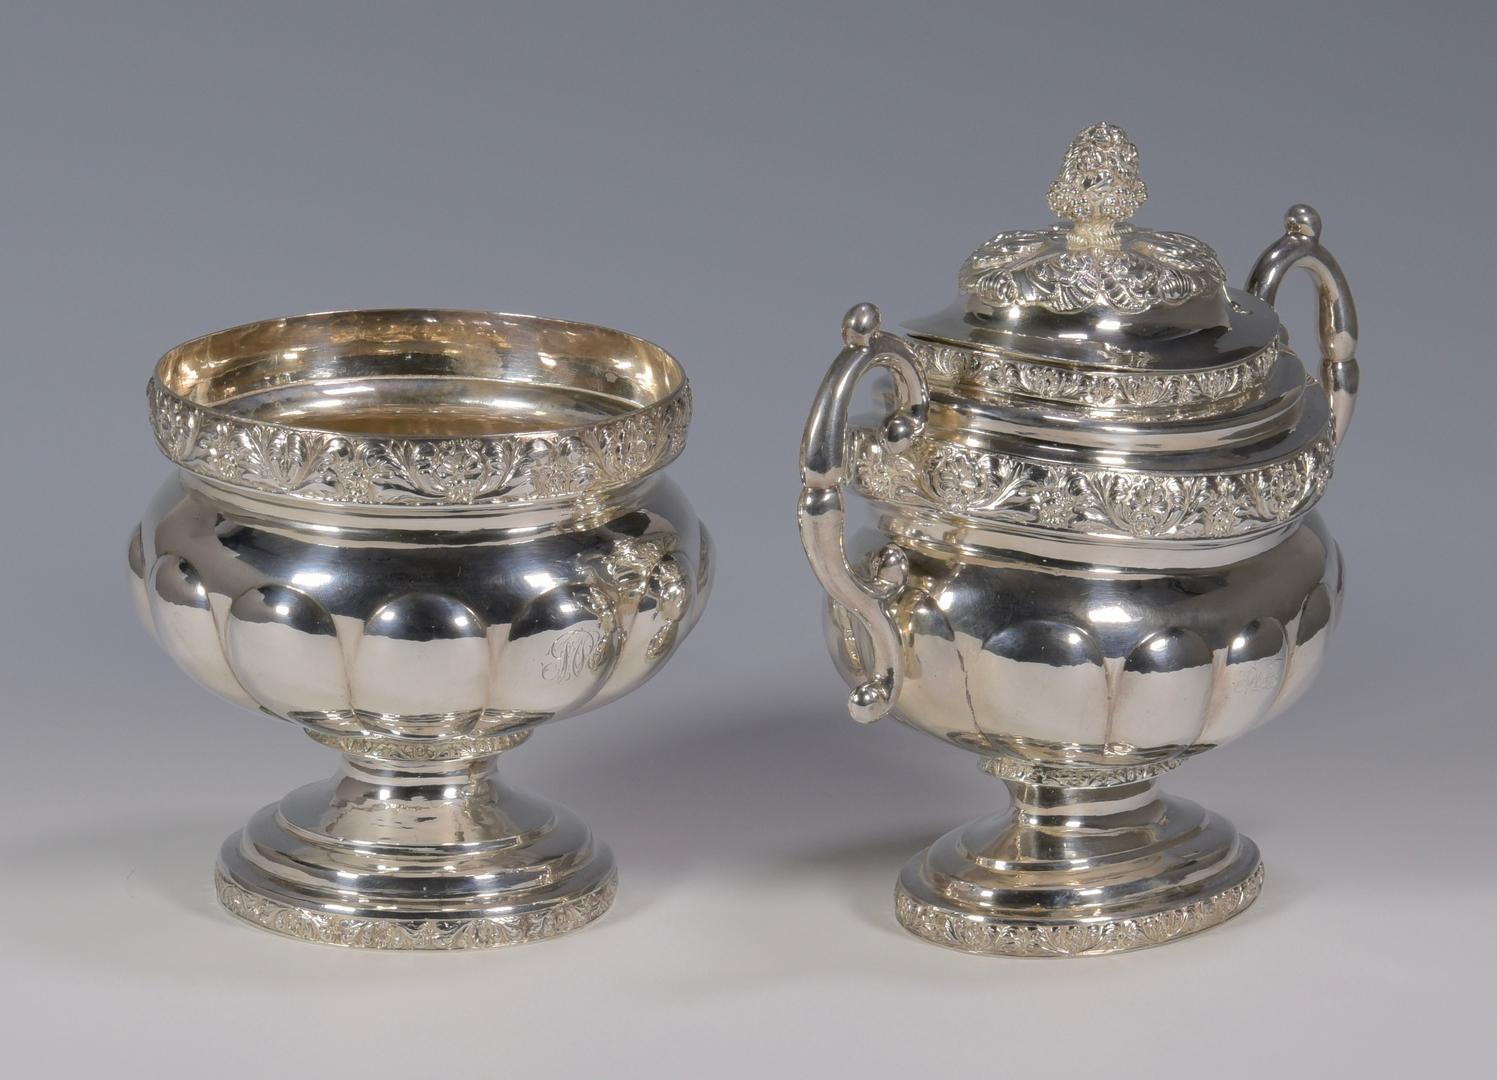 Lot 148 New York Coin Silver Tea Service